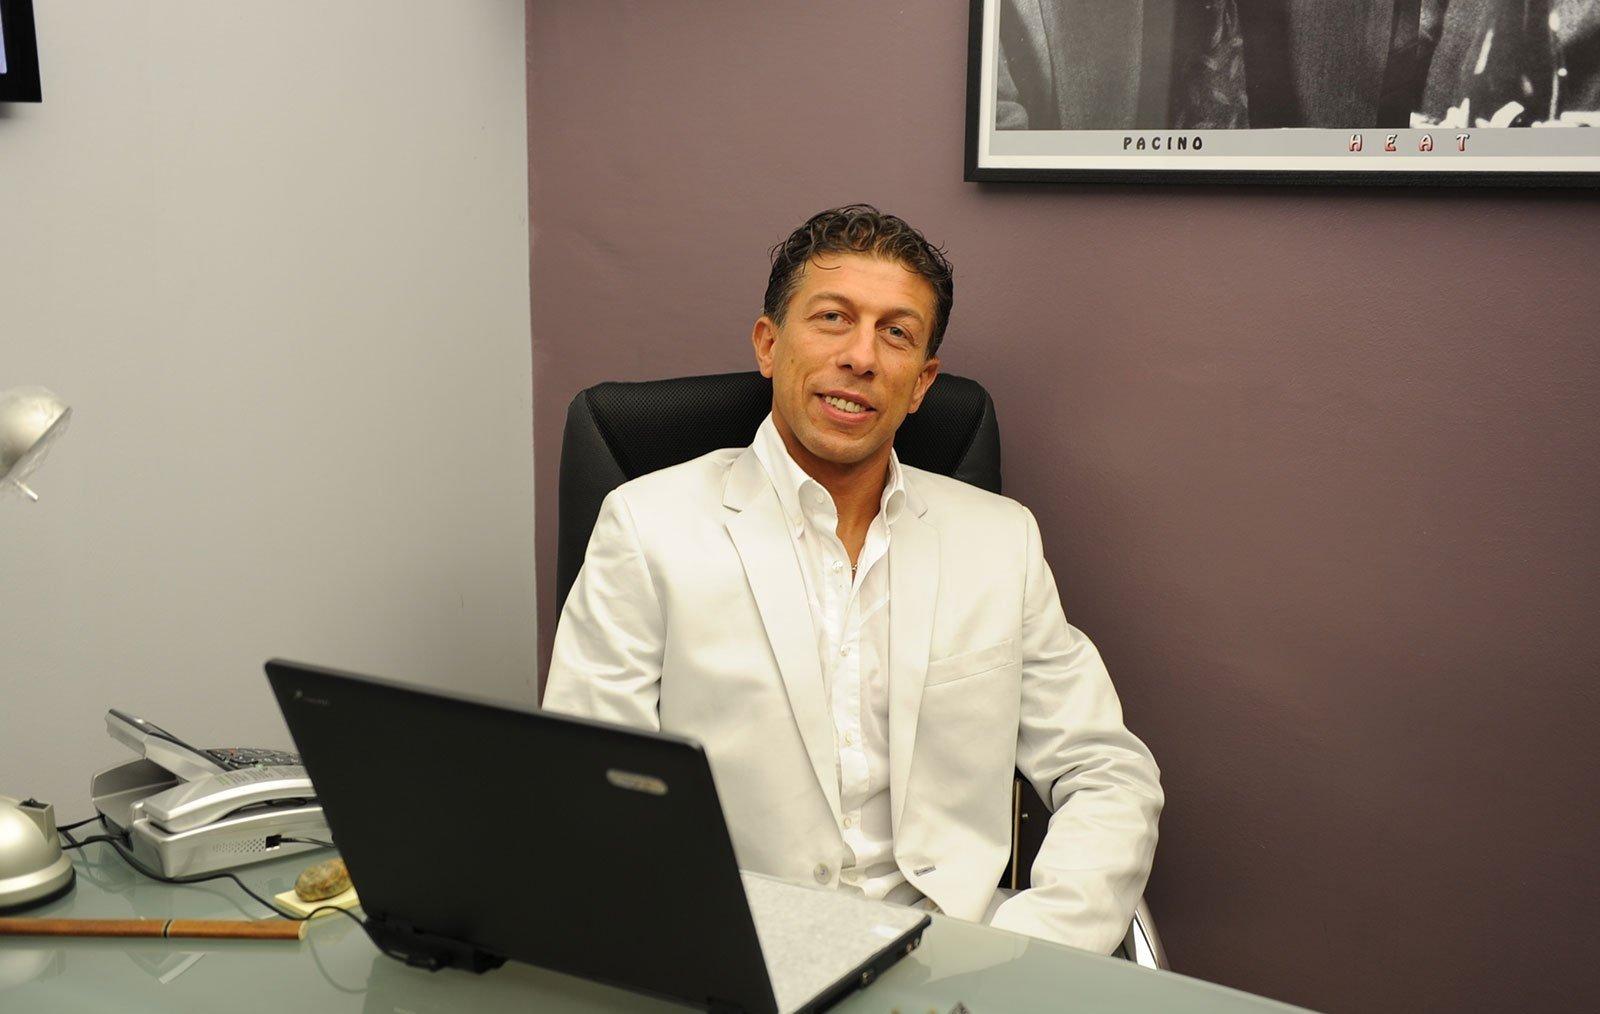 un uomo sorridente alla scrivania